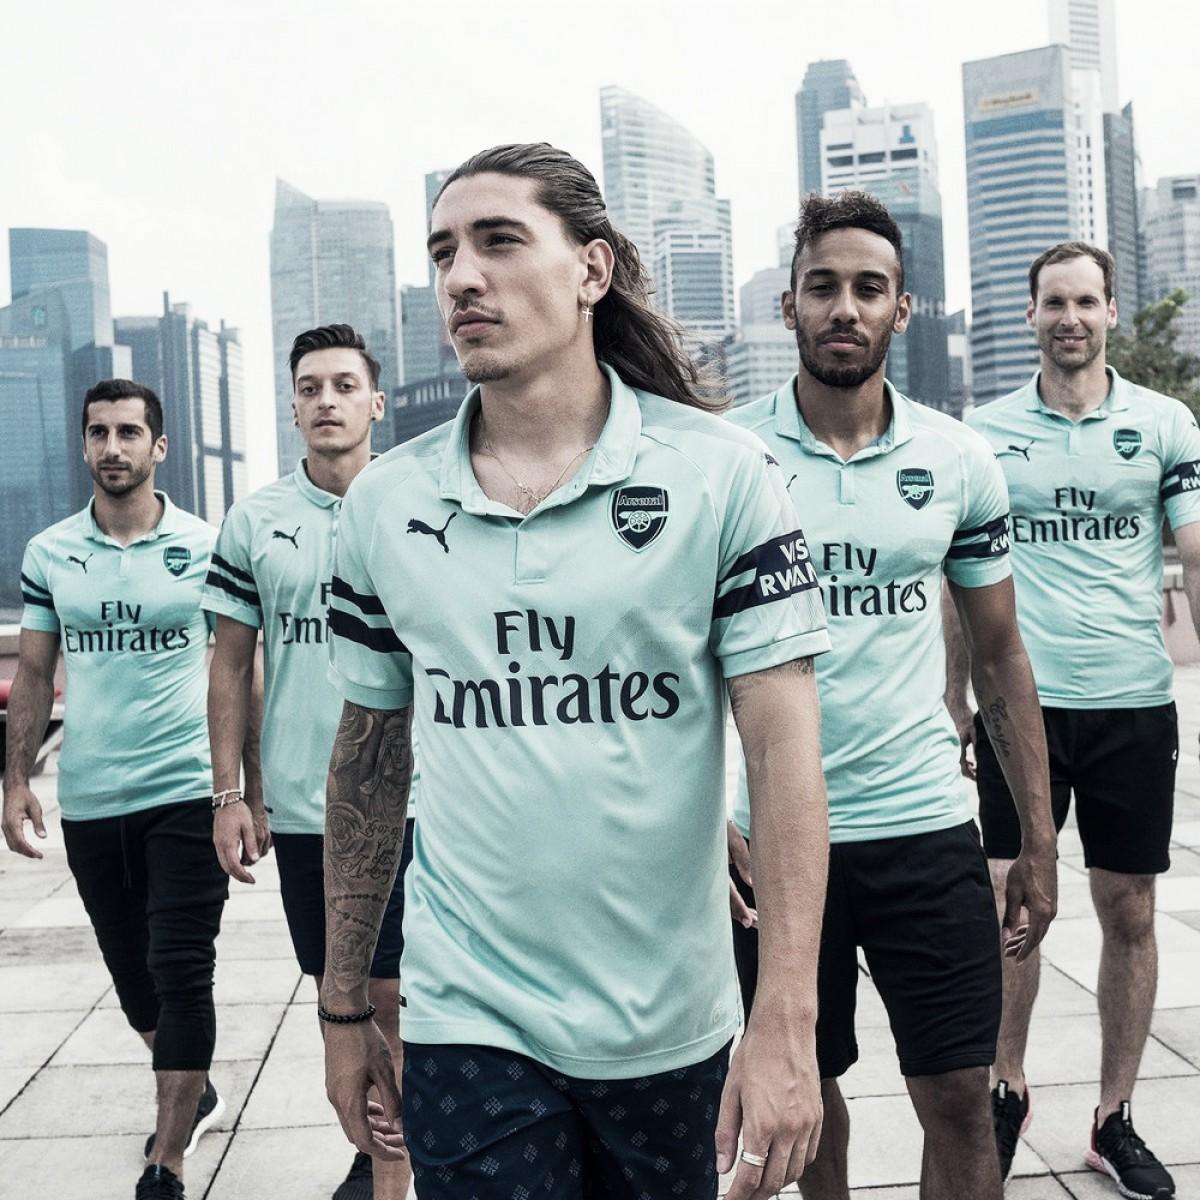 Arsenal divulga terceiro uniforme durante pré-temporada em Singapura